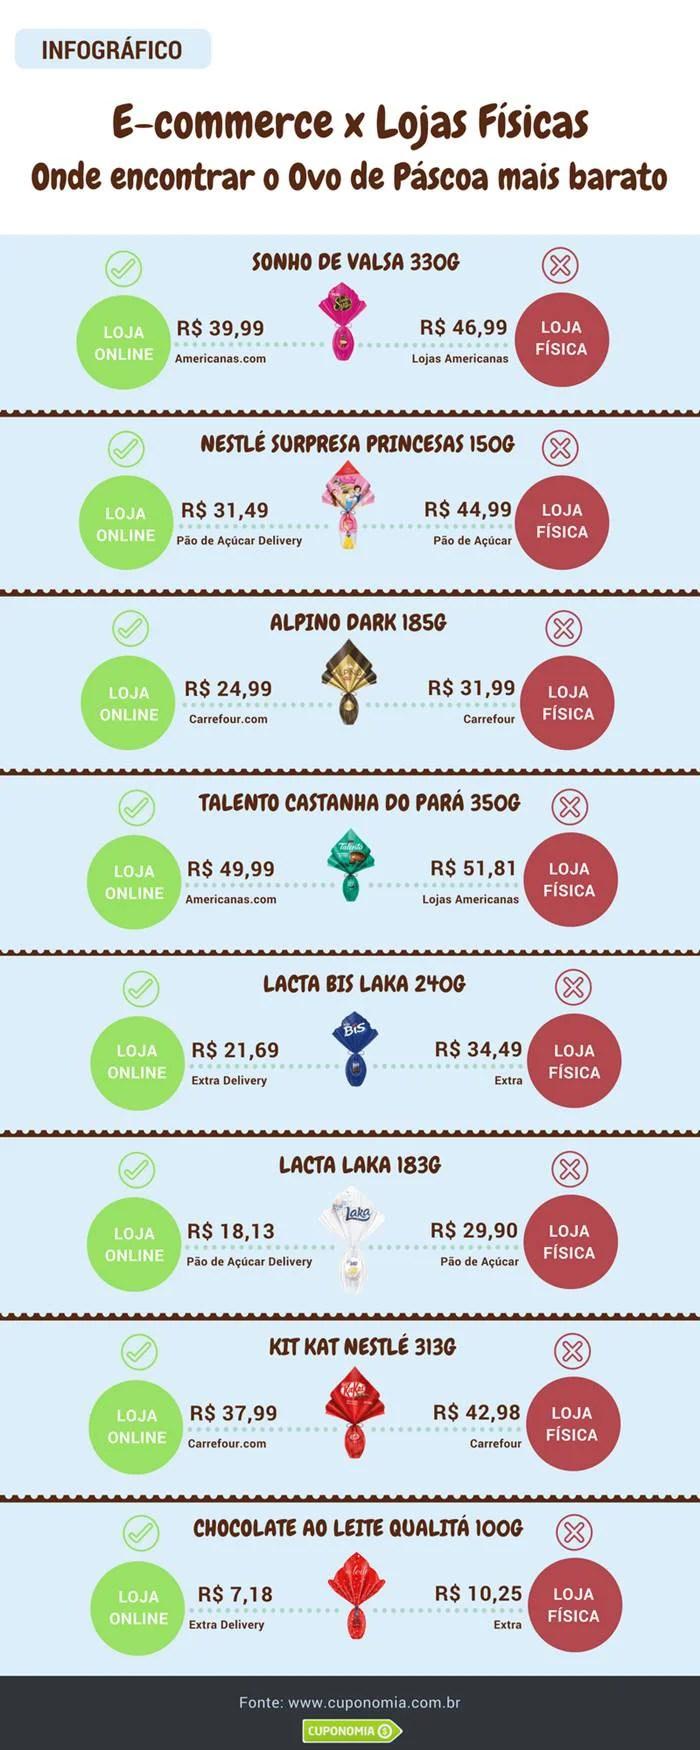 infografico ovos de p%C3%A1scoa 2018 - Comprar ovos de Páscoa na internet pode ser até 40% mais barato